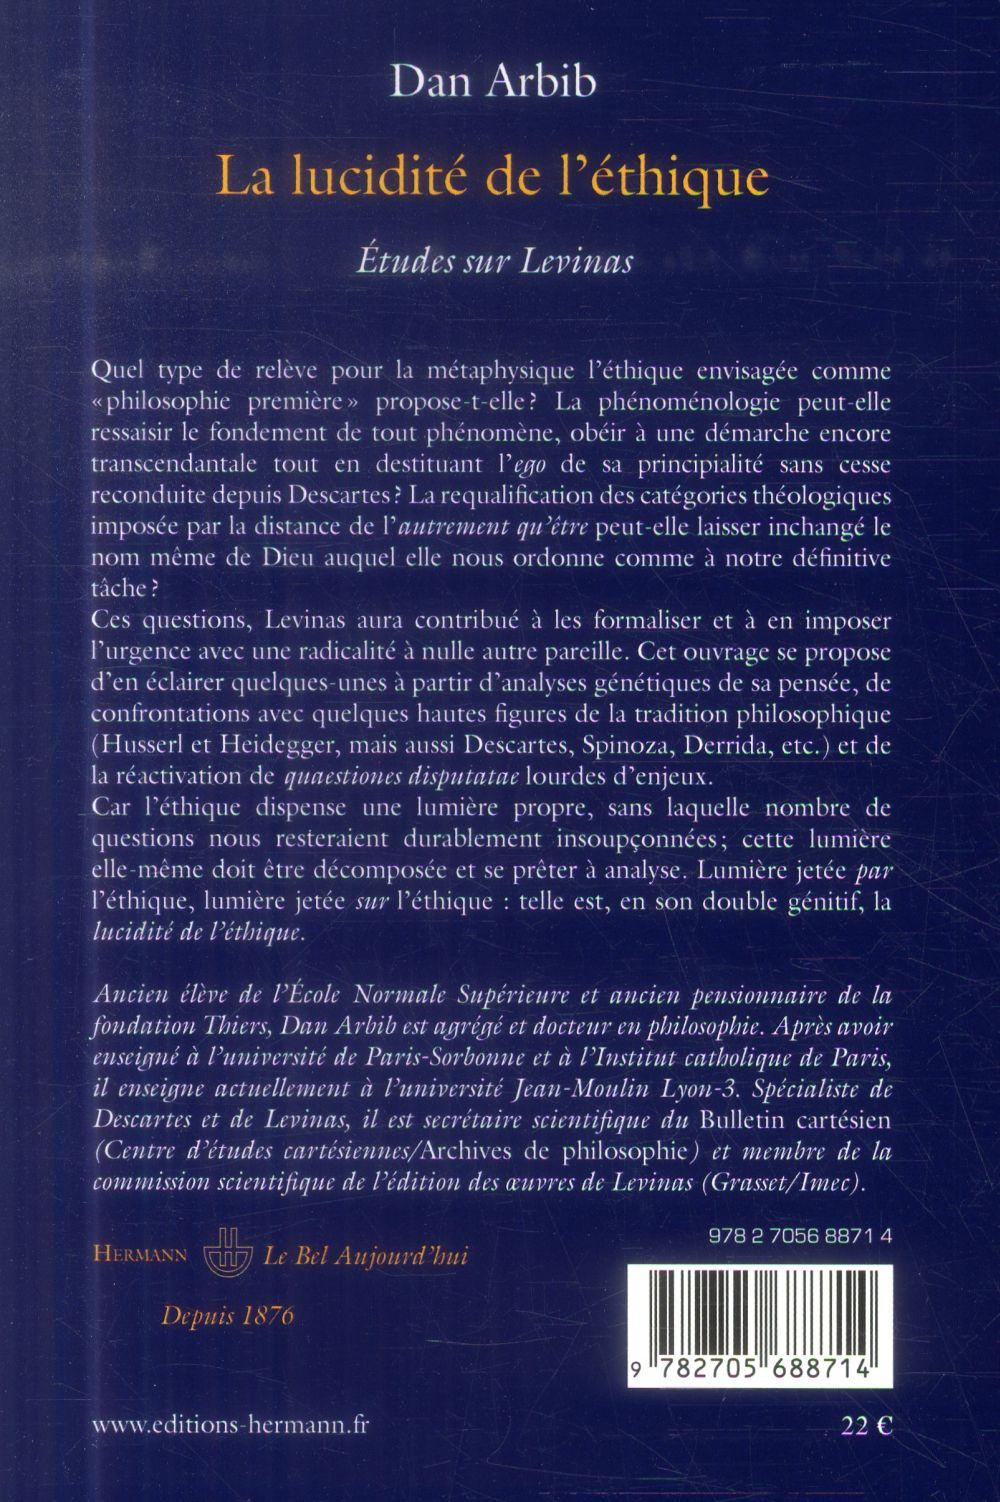 la lucidite de l'ethique - etudes sur levinas